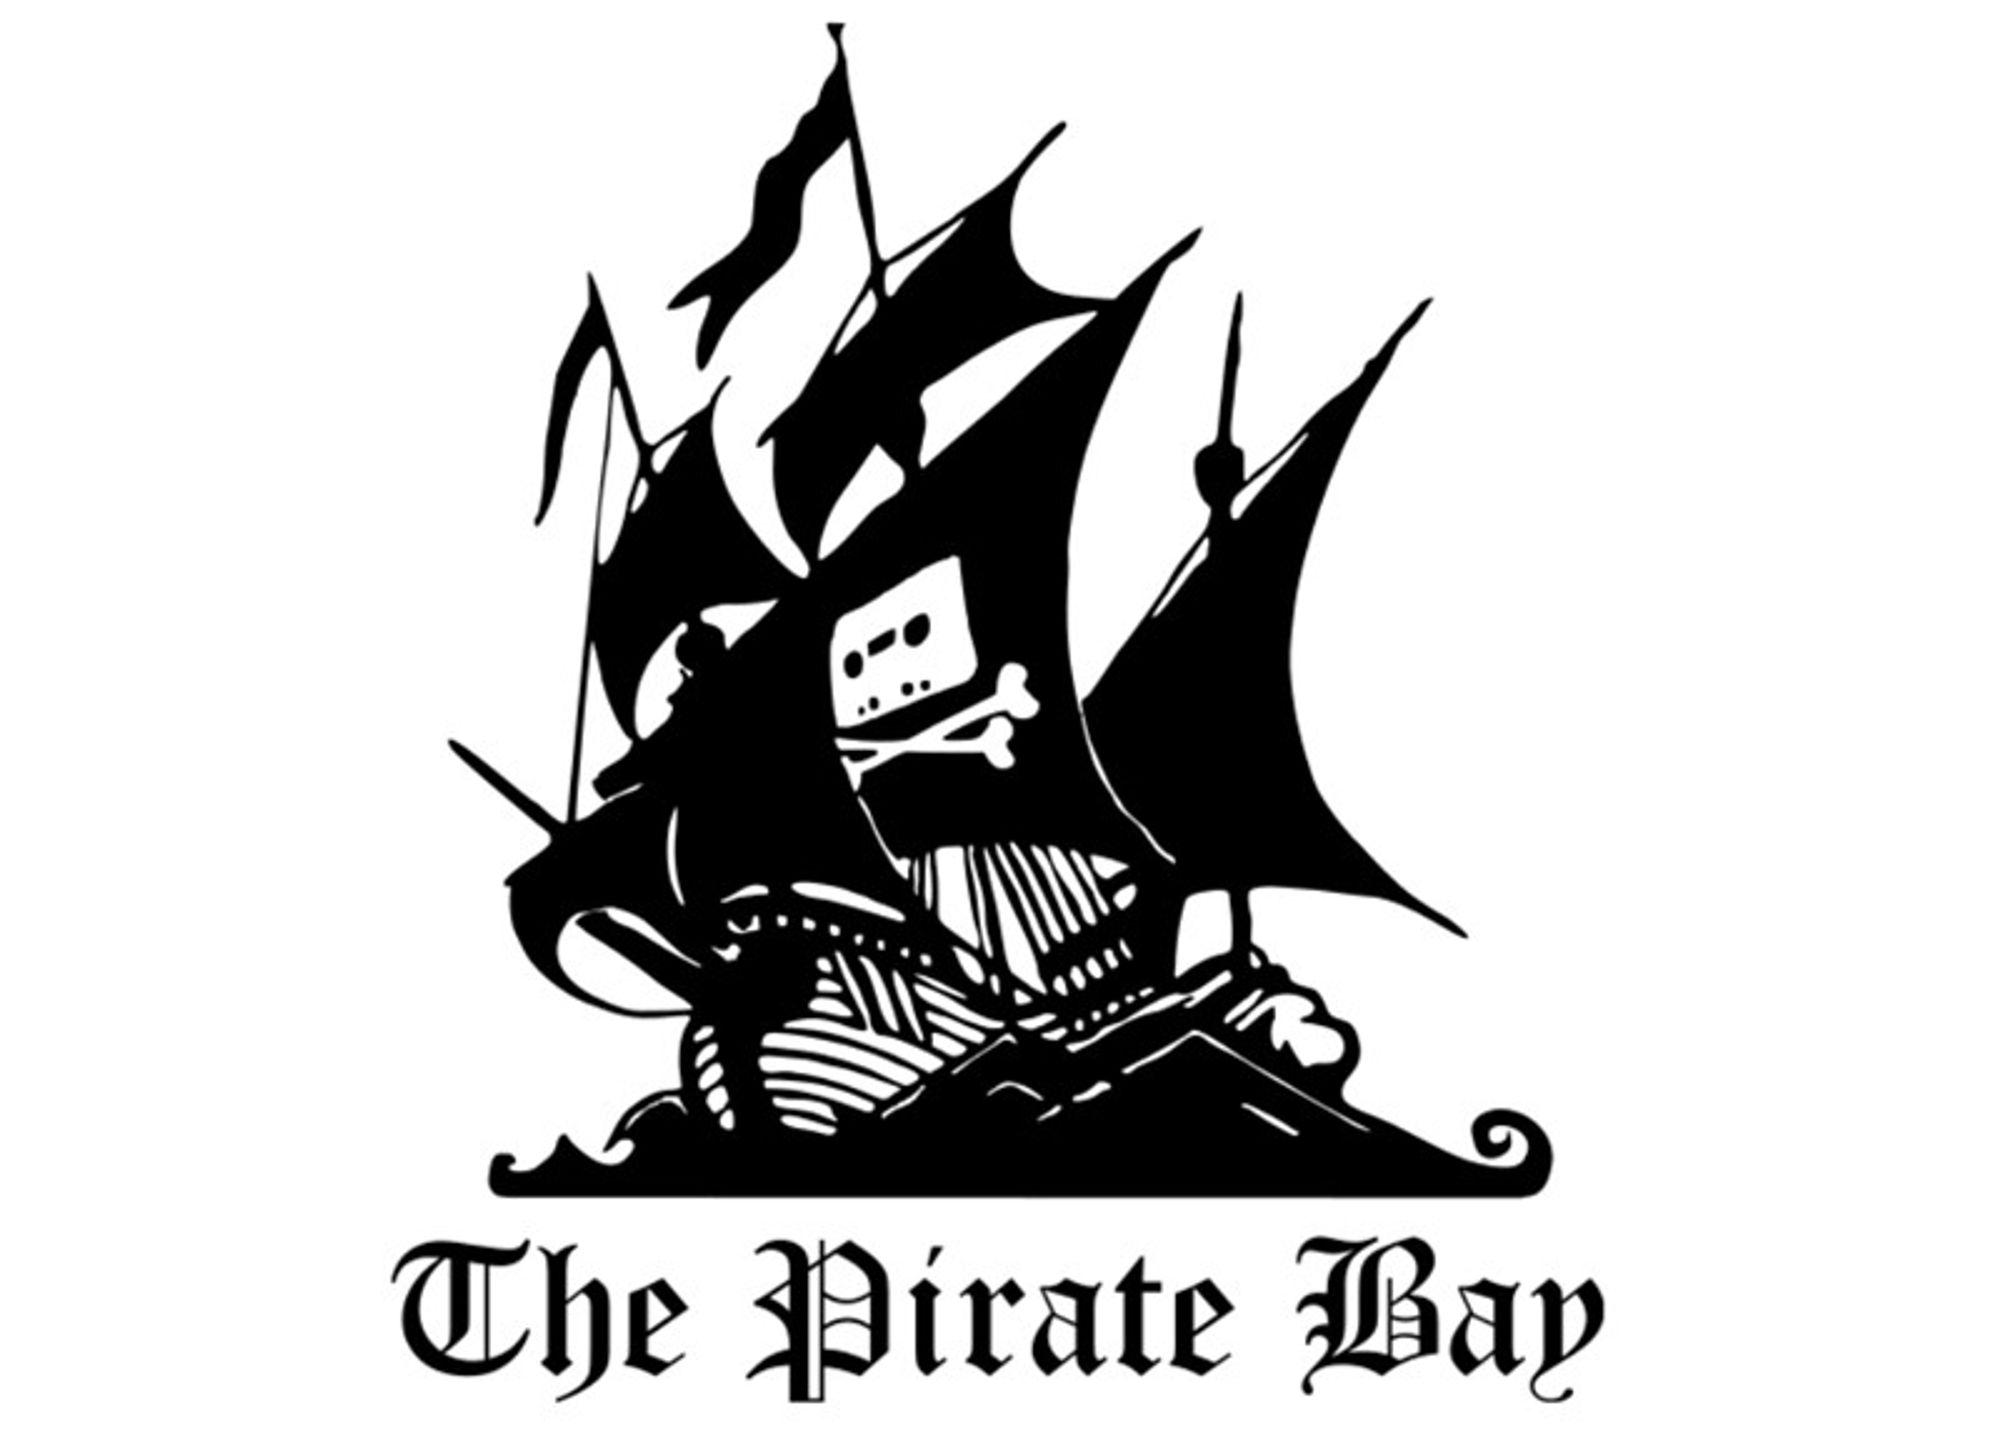 FORTSATT PÅ TOPP 25: Nordmenn er oftere inne hos torrent-tjenesten The Pirate Bay enn for eksempel på kjendis.no og seher.no, ifølge alexa.com.